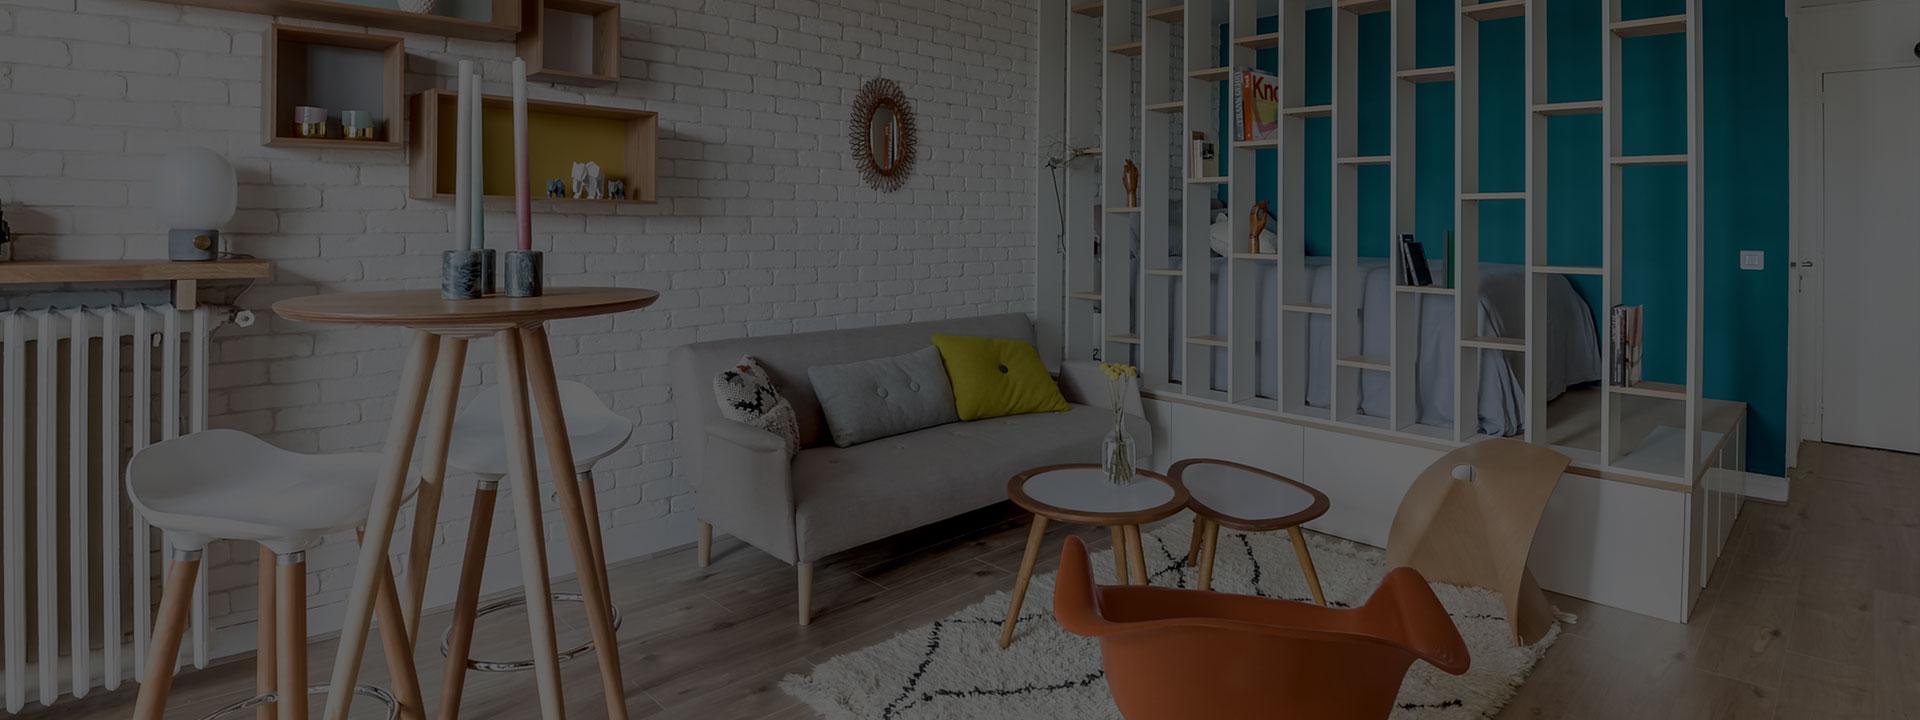 Conseils pour trouver la location immobiliere ideale 2